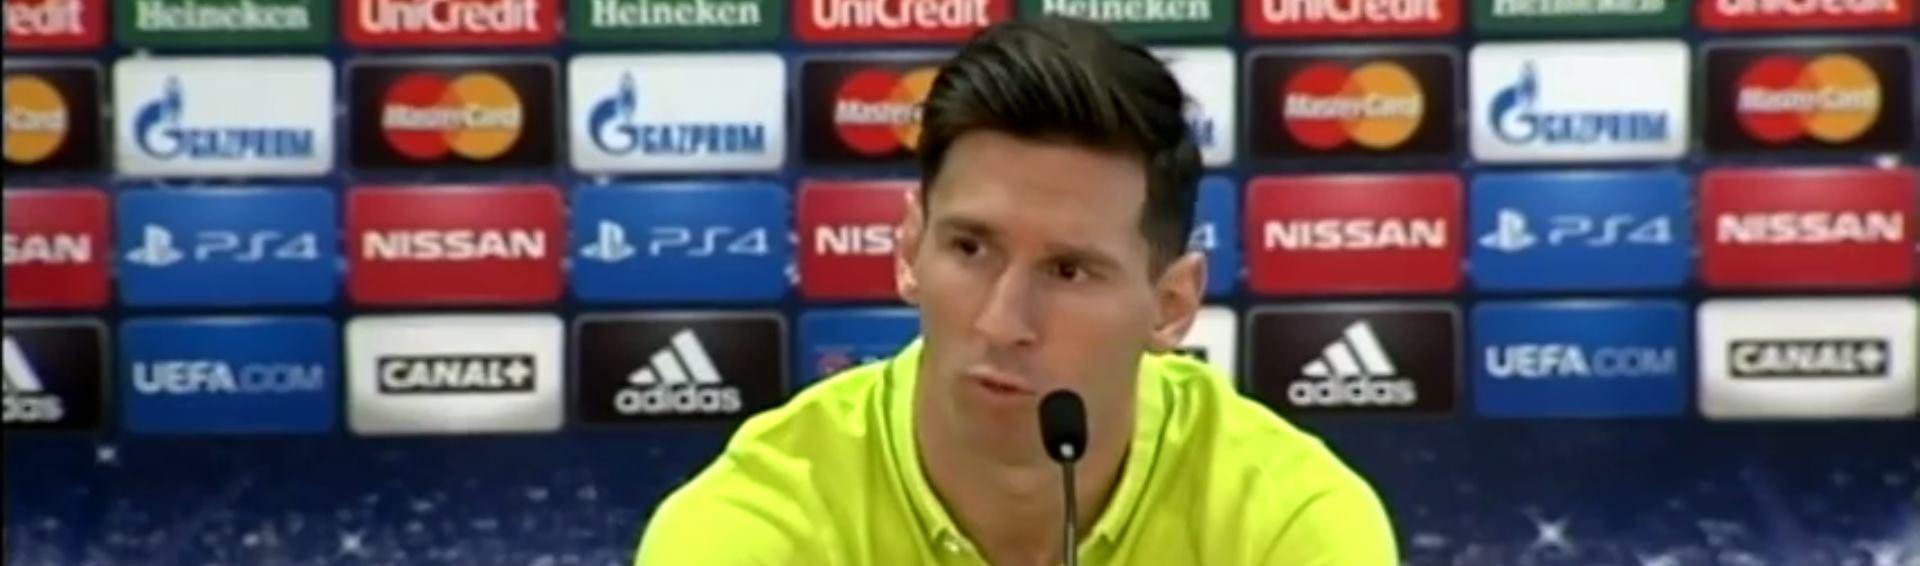 LIGA PRVAKA Messi i Neymar u zadnjih 15 minuta donijeli pobijedu nad Bayernom